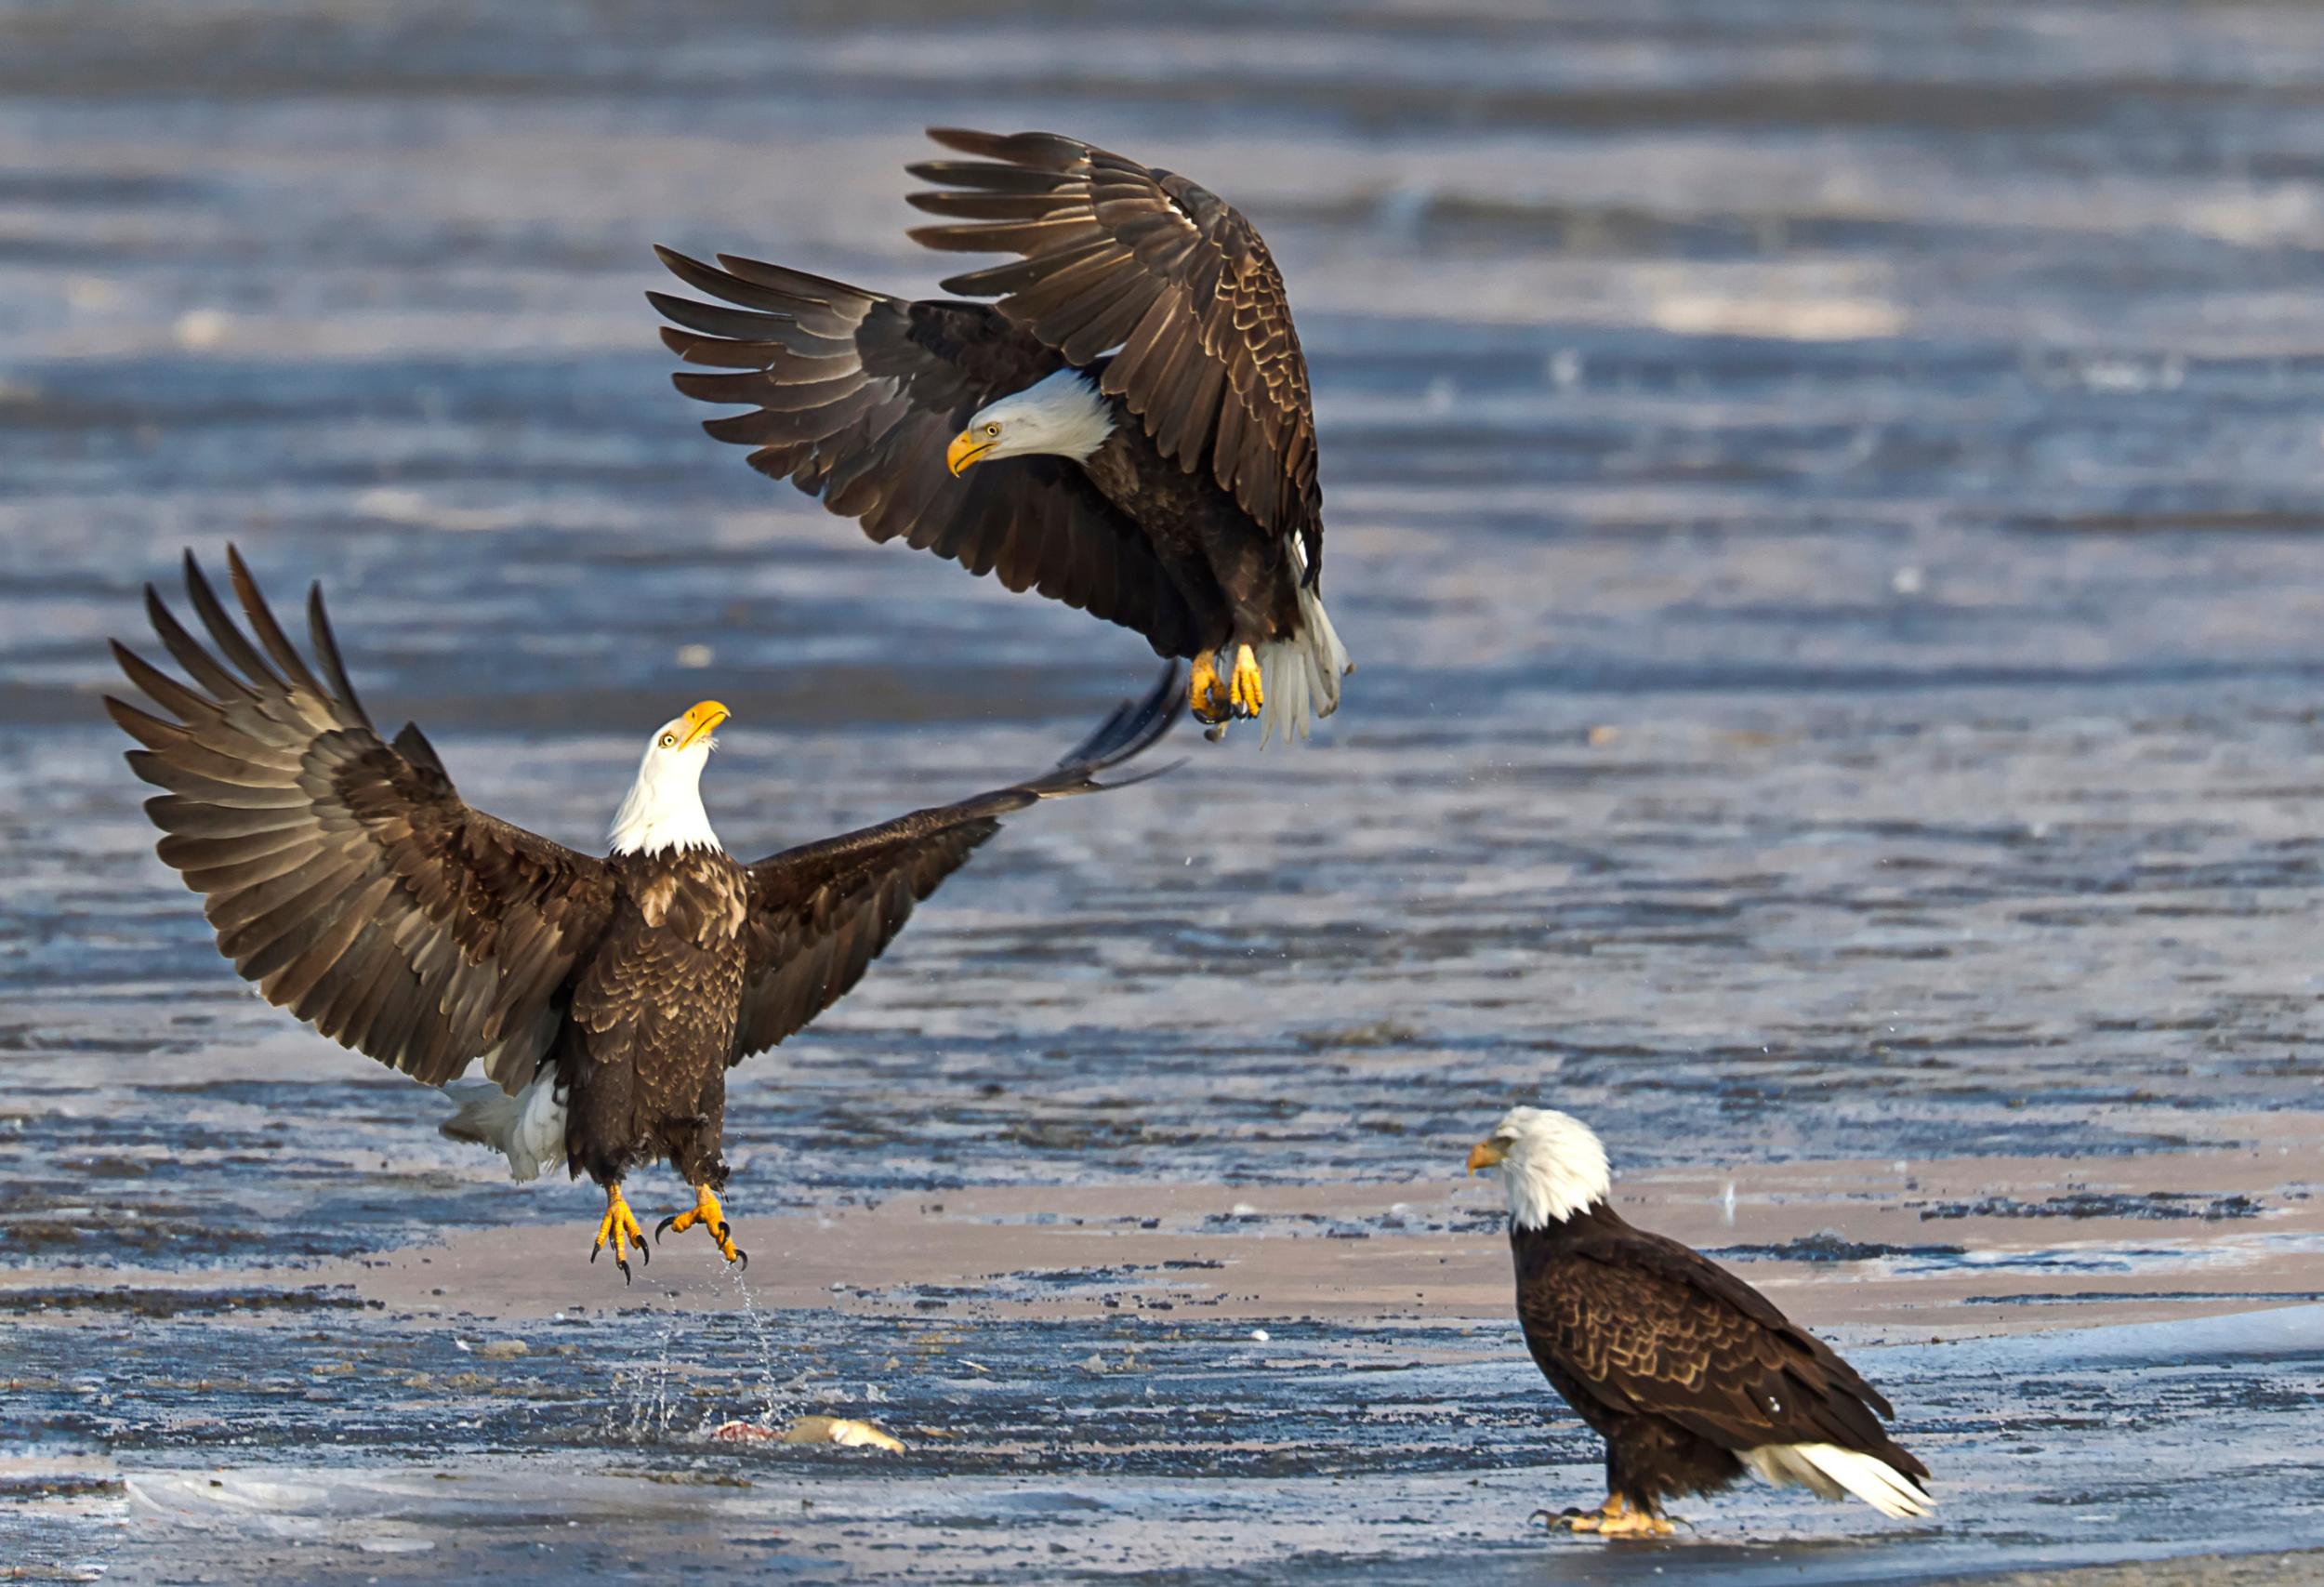 Birds – The American Bald Eagle